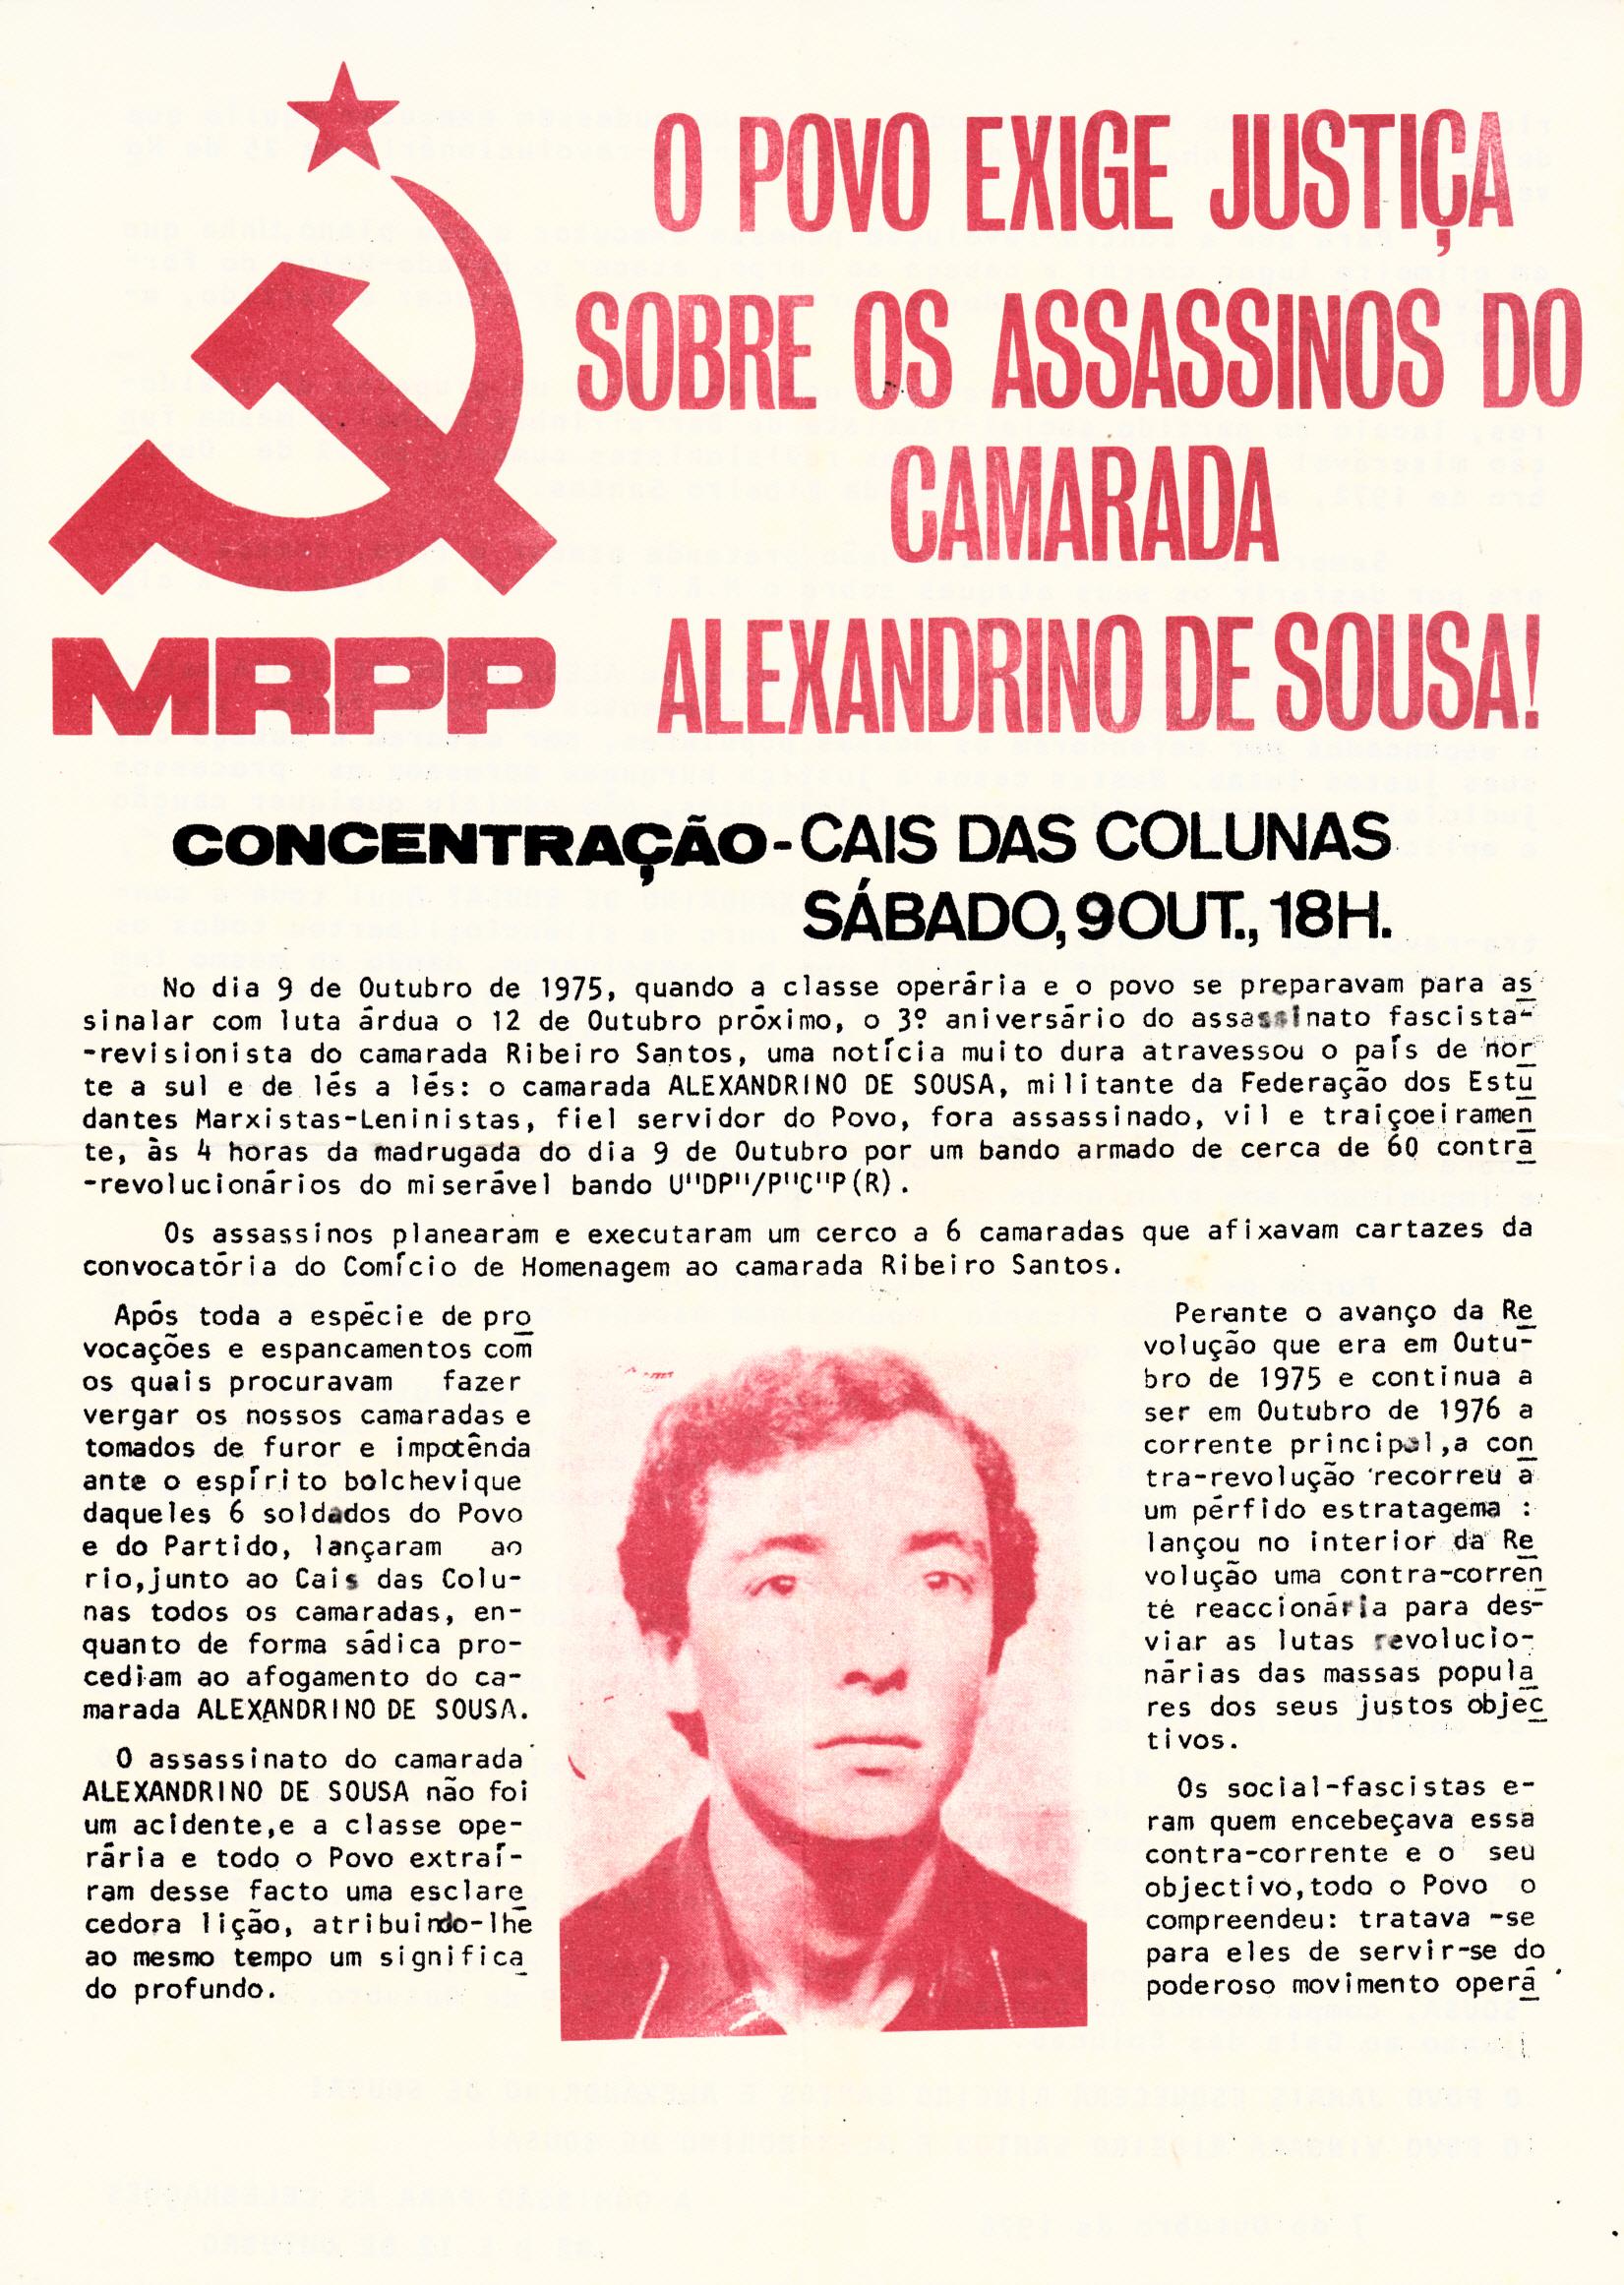 MRPP_1976_10_07_0001